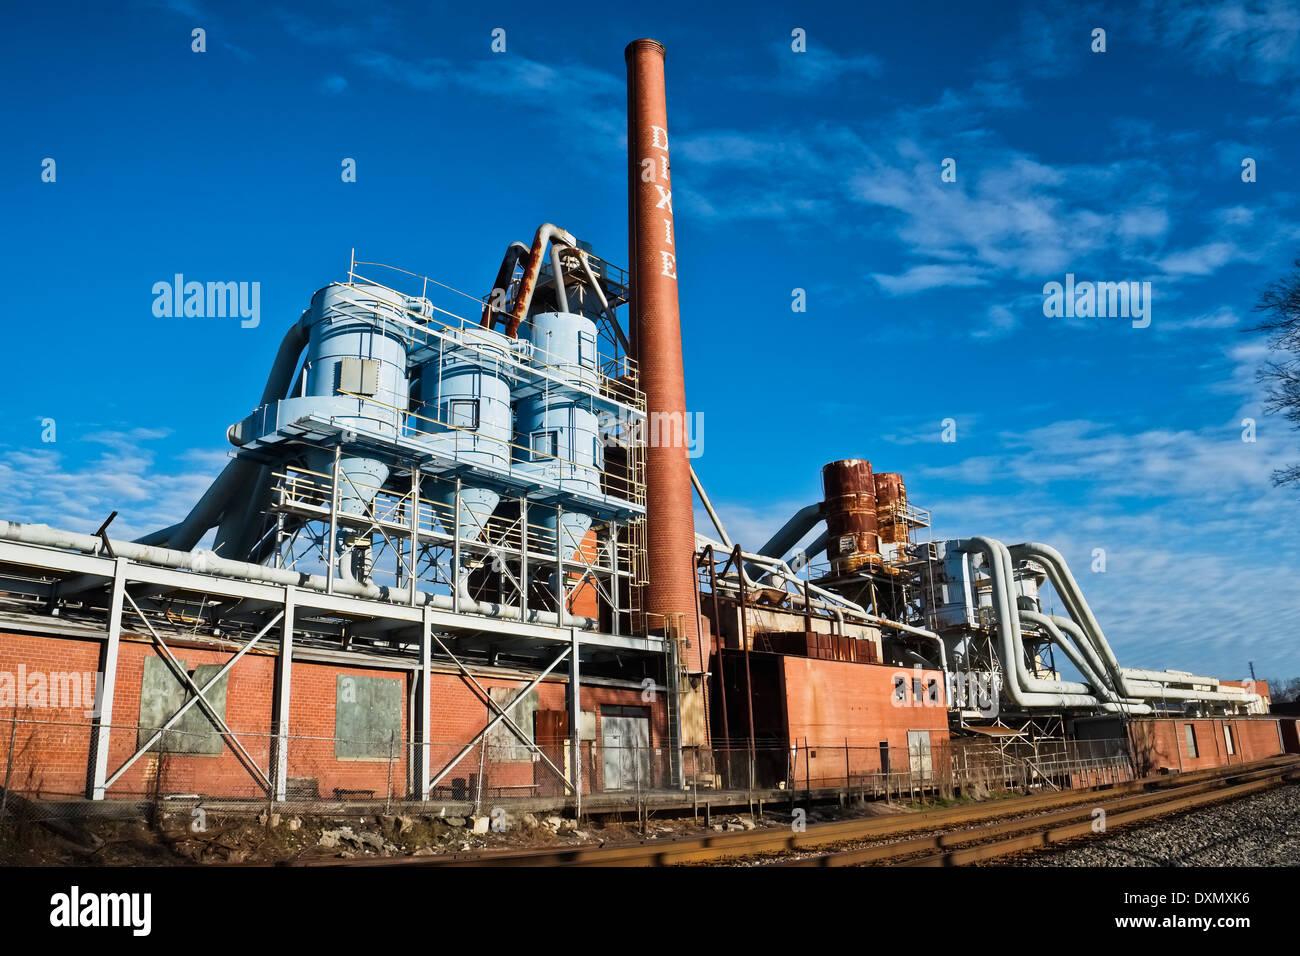 Antiguo edificio de la empresa de Muebles Dixie NC en Lexington, Carolina del Norte. cerrado mueve la industria industriales abandonados subcontratados Imagen De Stock